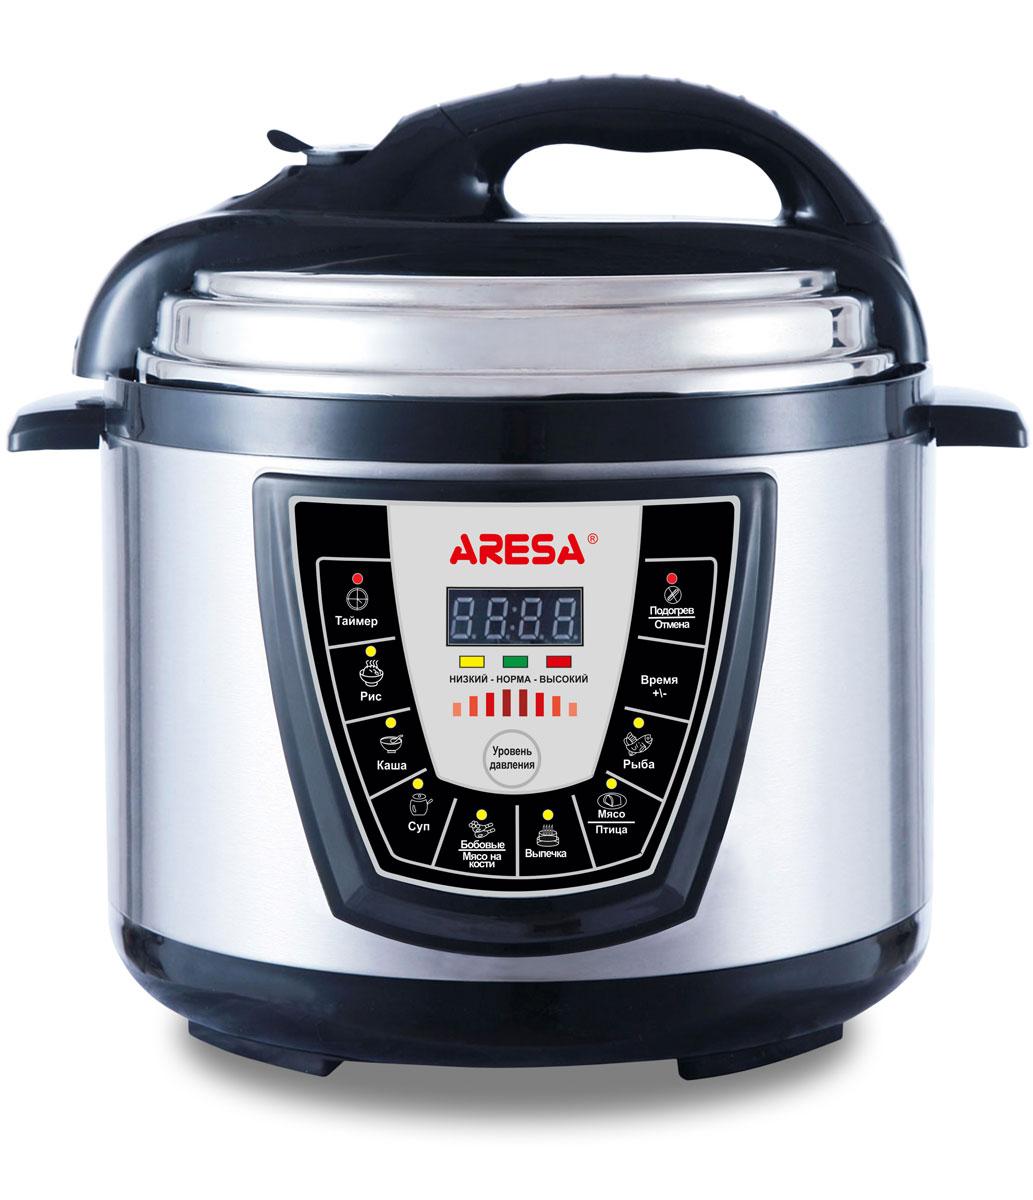 Aresa AR-2003 мультиварка-скороваркаAR-2003Мультиварка Aresa AR-2003 имеет светодиодный LED-дисплей и вместительную чашу объемом 5 литров с керамическим покрытием. Прочный корпус изготовлен из нержавеющей стали. Имеется встроенный датчик контроля температуры и клапан сброса избыточного давления.Множество различных функций и режимов приготовления позволит готовить именно те блюда, которые вам нравятся. Регулировка времени приготовления и функция отложенного старта позволит с большой точностью рассчитывать продолжительность готовки. Доступна установка таймера до 24 часов. В комплект входят полезные аксессуары для приготовления пищи, а книгу рецептов можно бесплатно скачать с сайта производителя.